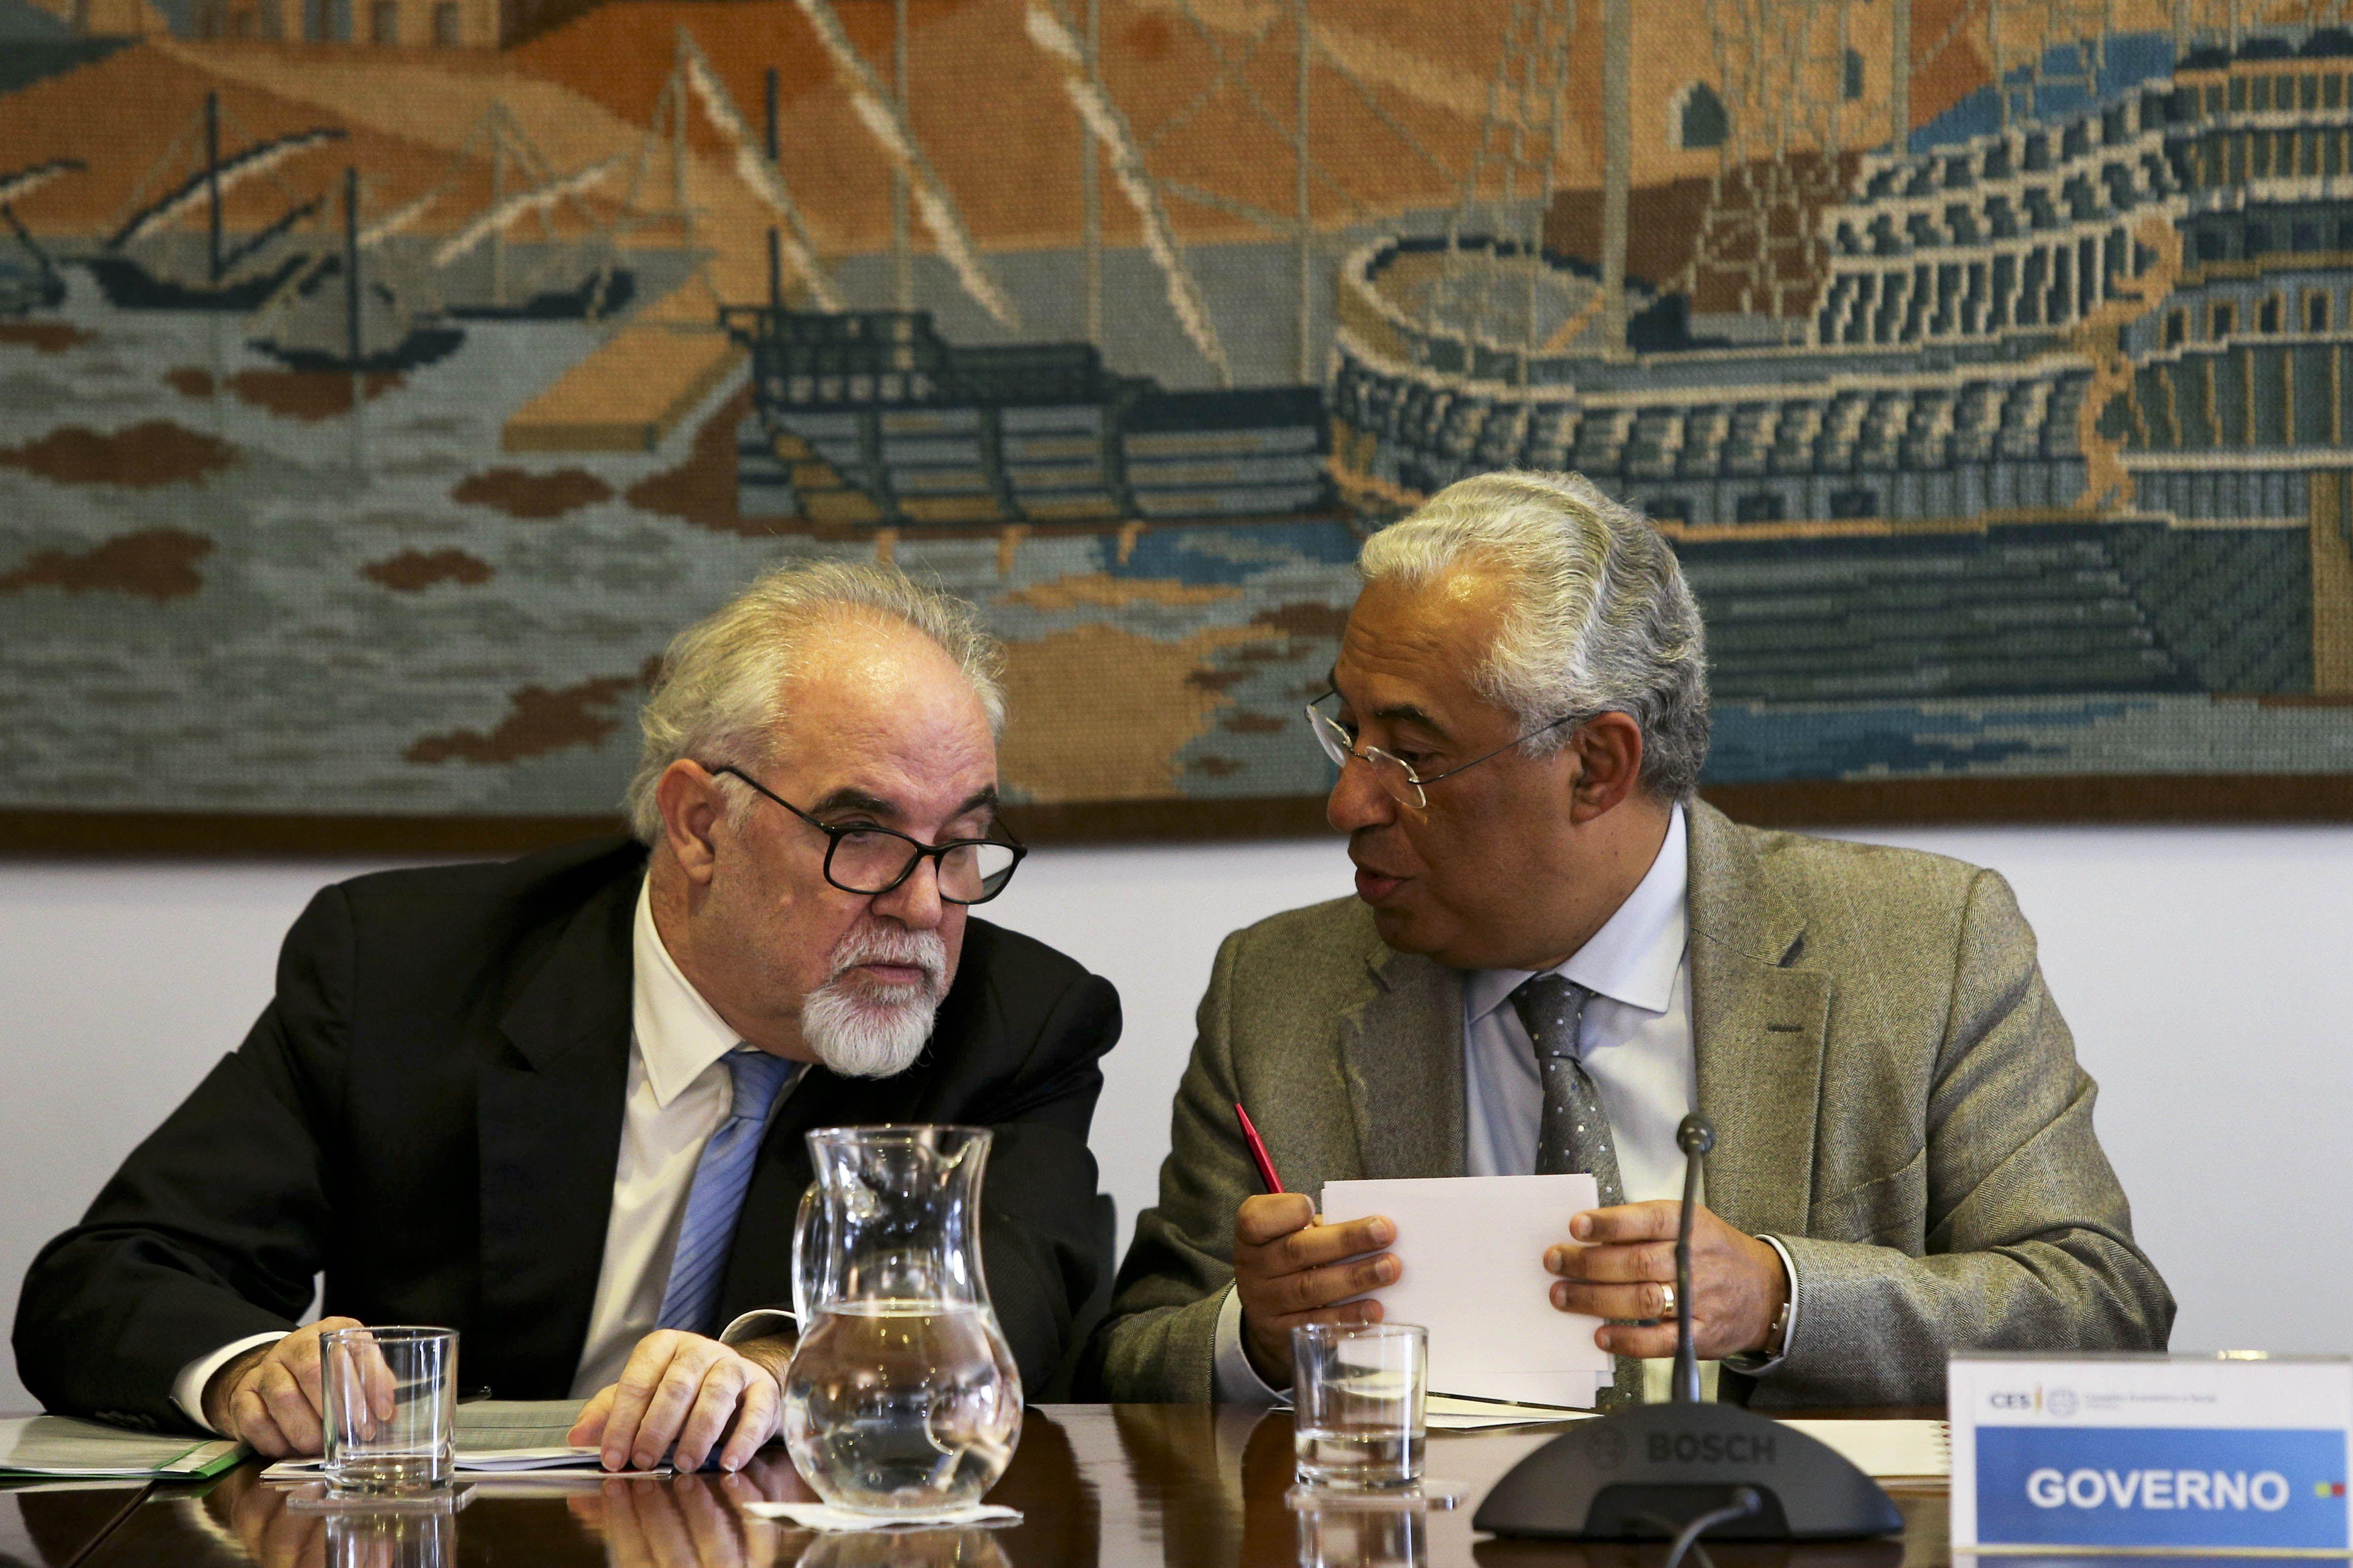 O governo, parceiros sociais e UGT usaram o voto eletrónico para assinar o acordo tripartido que aumenta o SMN e reduz a taxa social única em 1,25 pp.